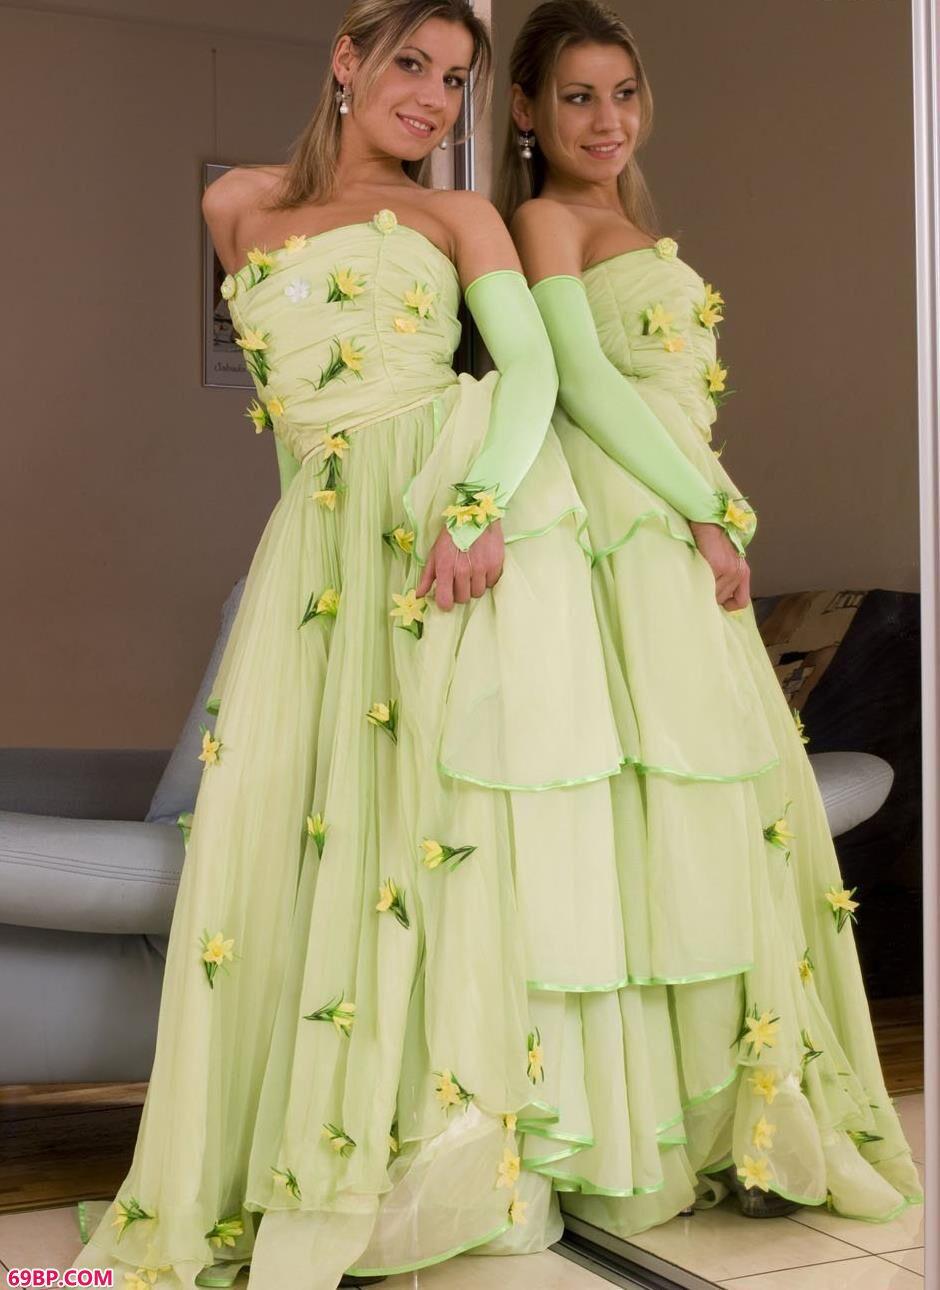 美模Gloria在镜子前穿婚纱拍人体1